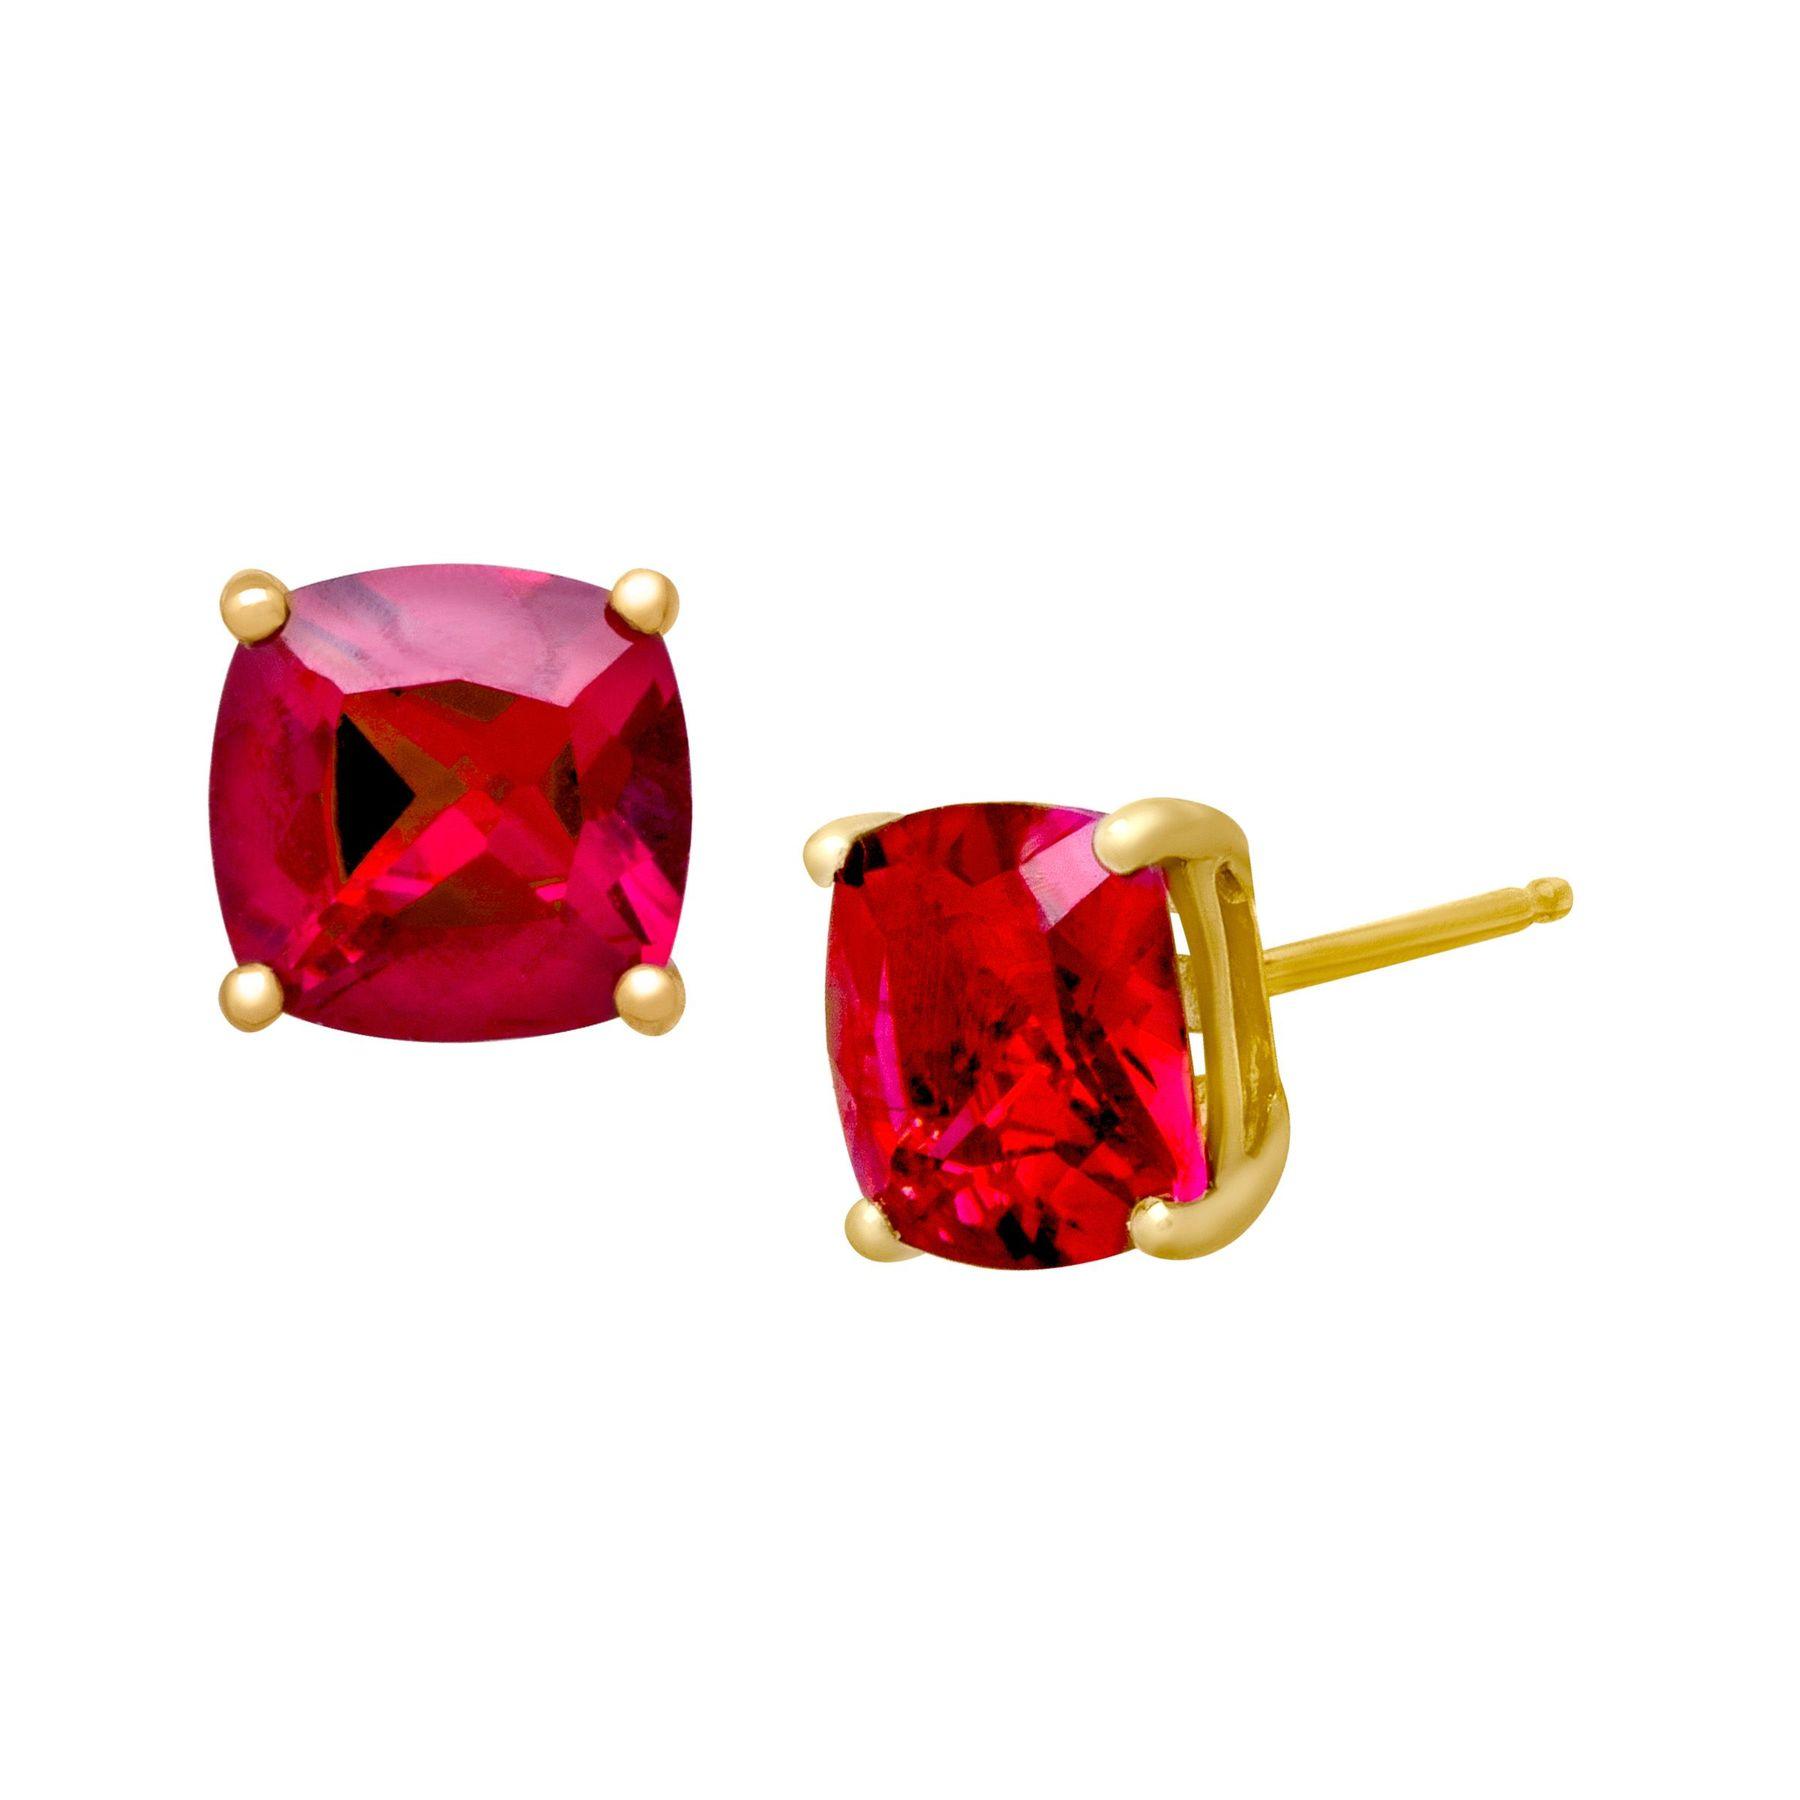 3 5 8 Ct Ruby Stud Earrings